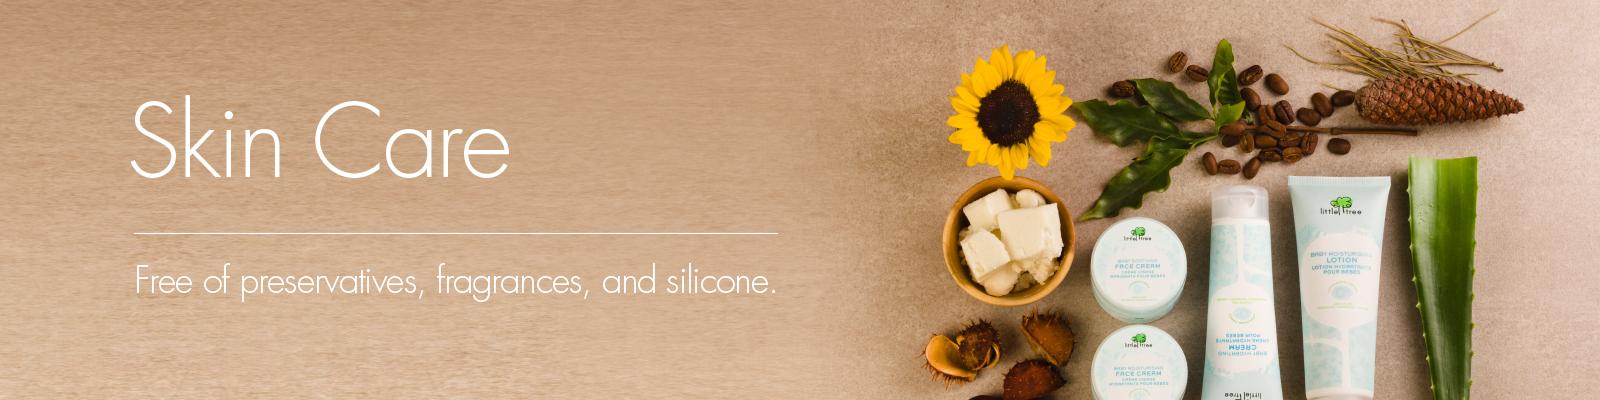 Desktop Banner for Beli Produk Perawatan Kulit Bayi Little Tree Termurah